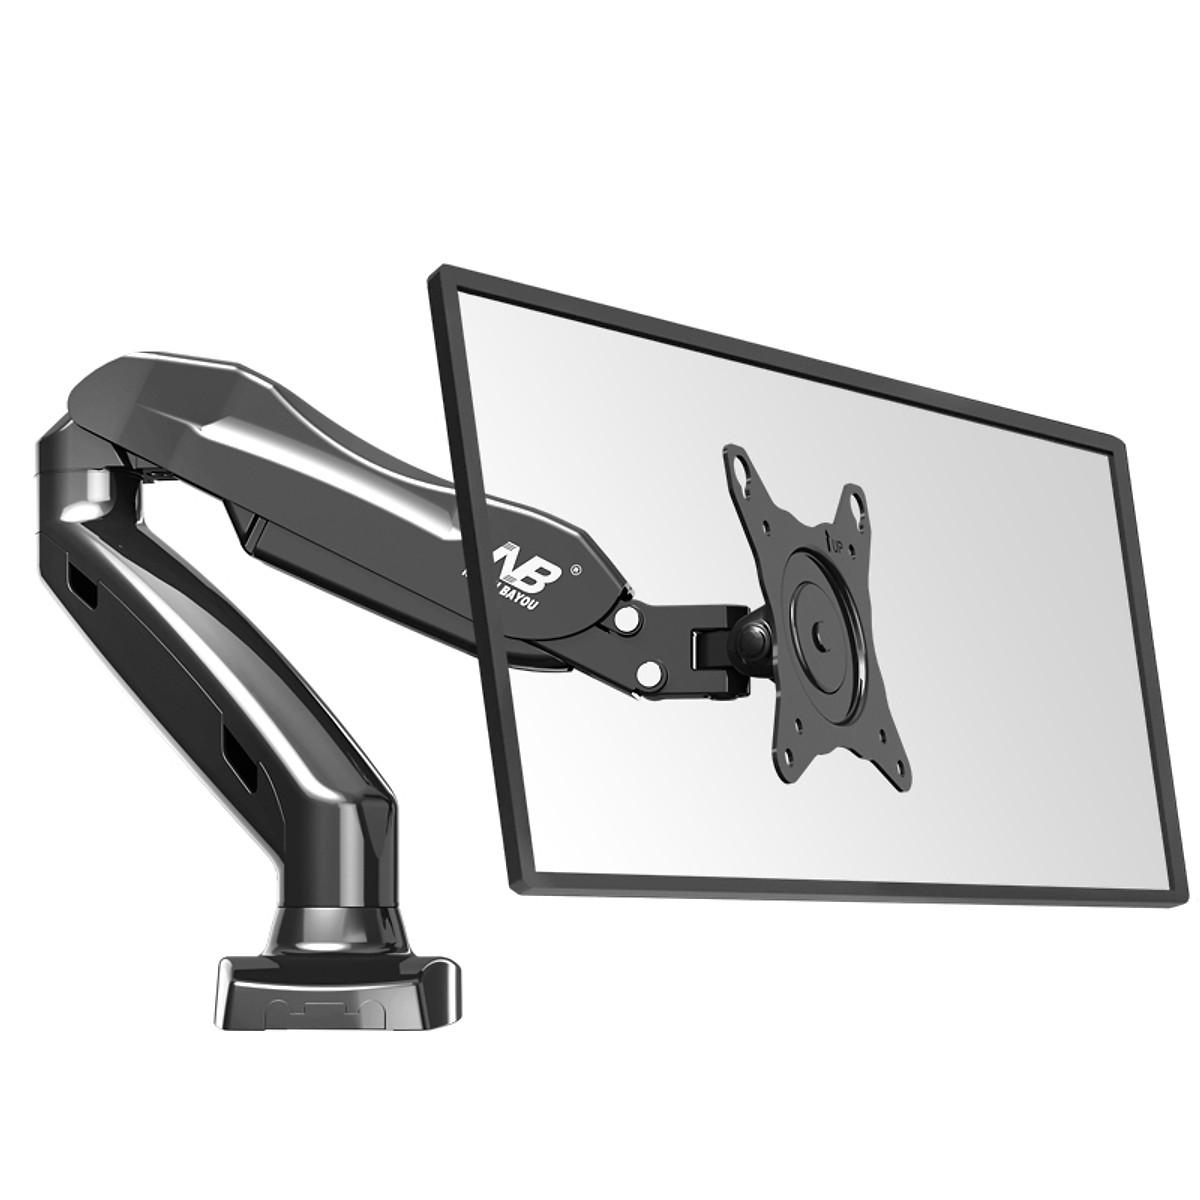 Giá treo màn hình máy tính 1 tay NB F80